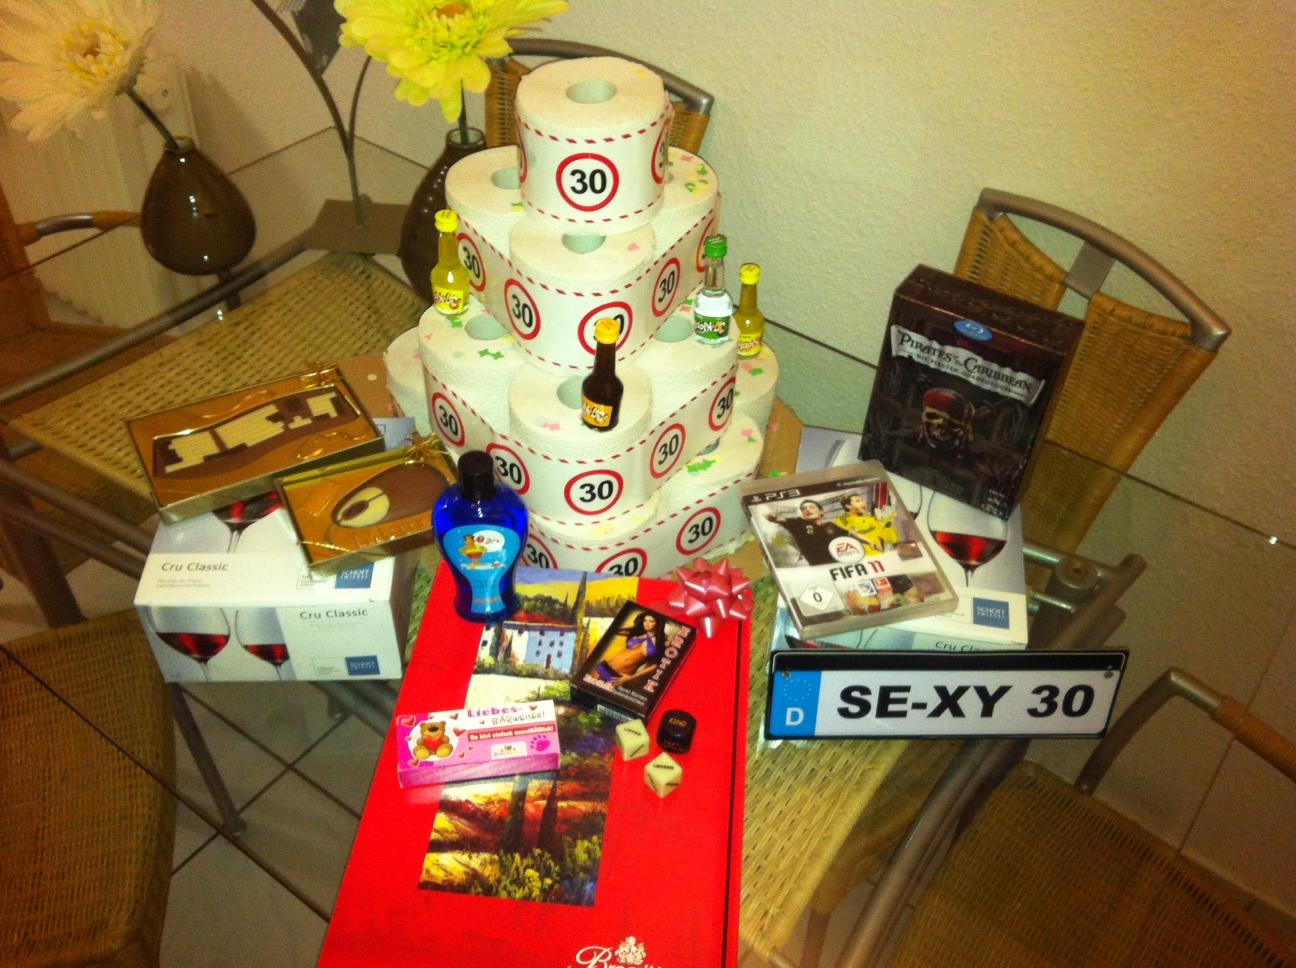 Geburtstagsgeschenk 50 jahrigen mann